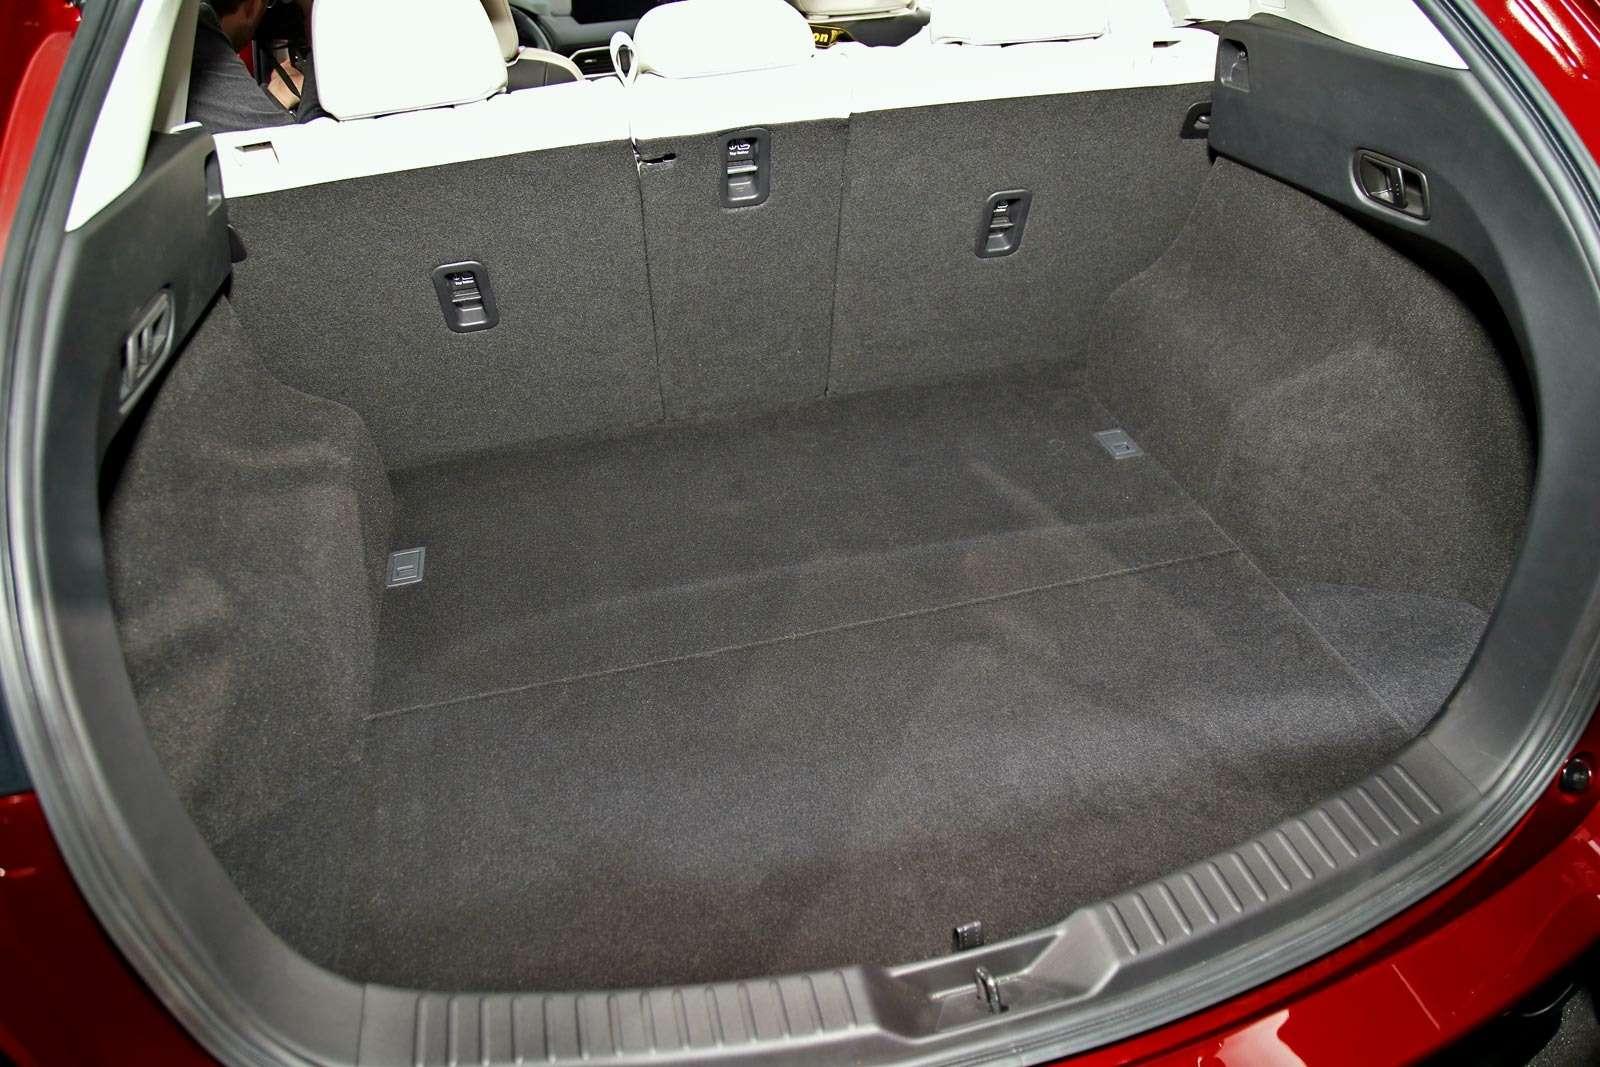 Глубокий блеск: Mazda представила новый кроссовер CX-5— фото 664473